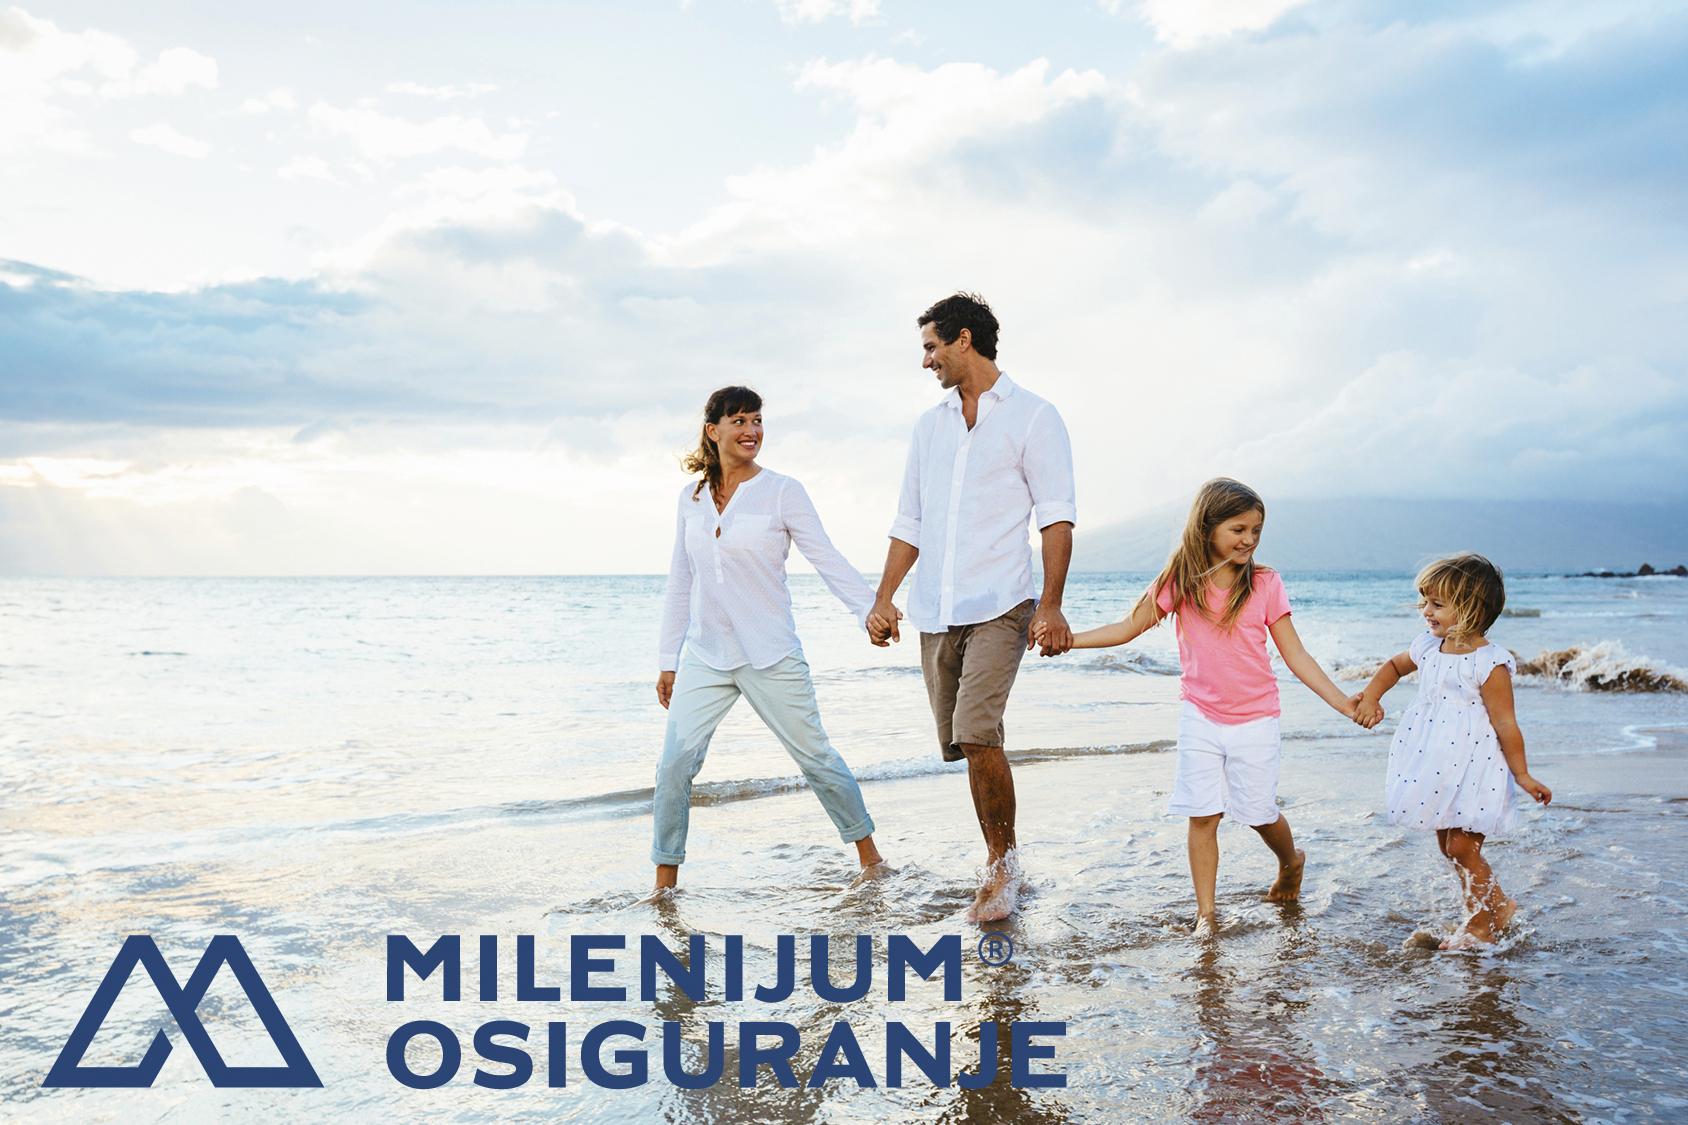 milenijum-putno-osiguranje-2016